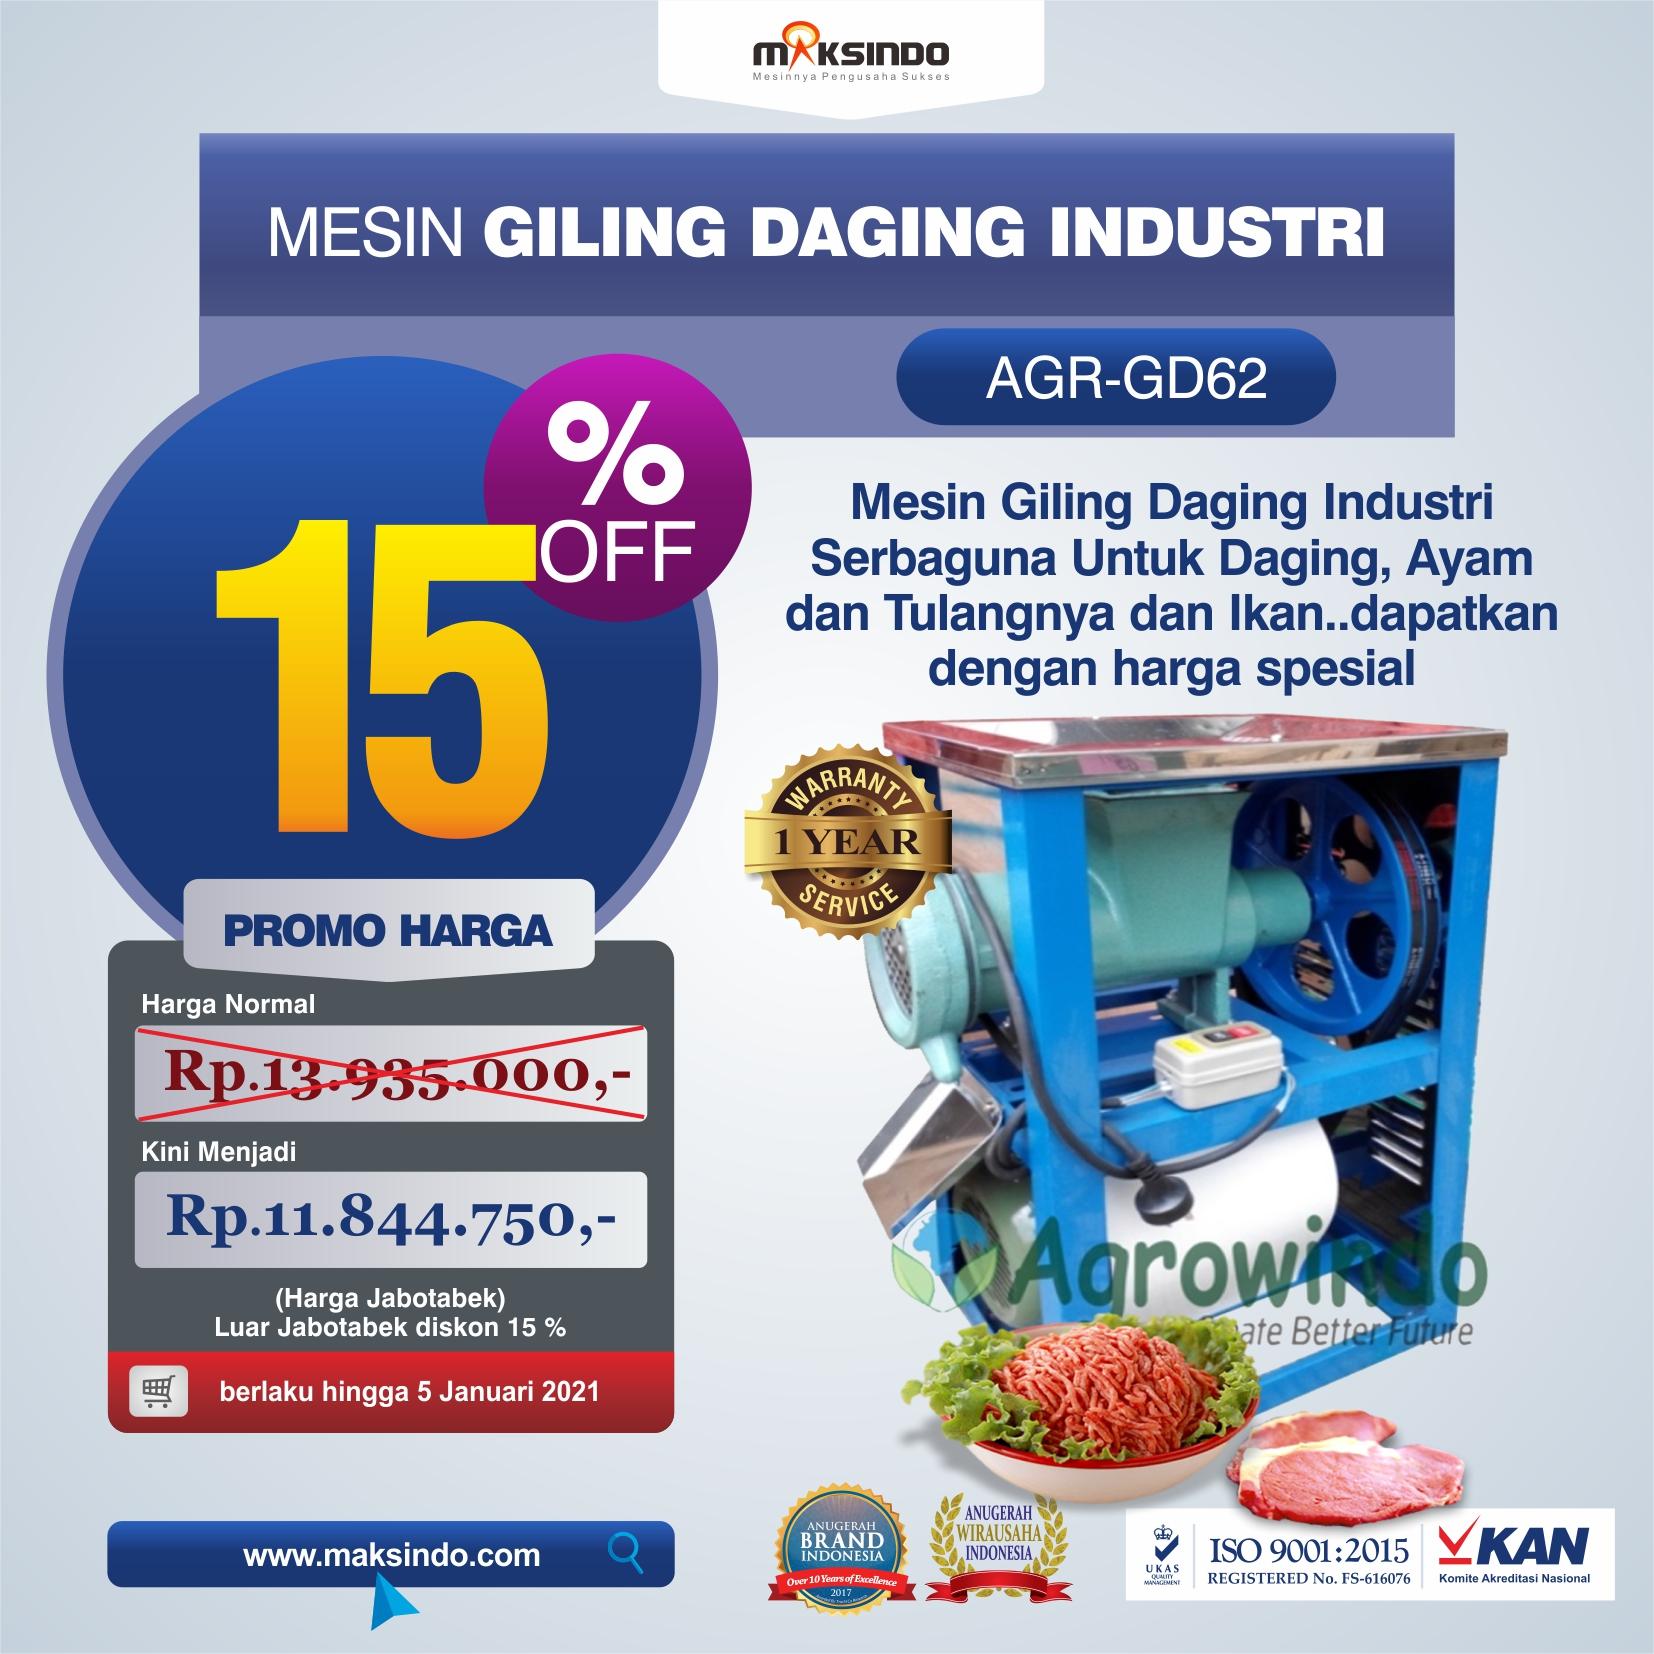 Jual Mesin Giling Daging Industri (AGR-GD62) di Malang